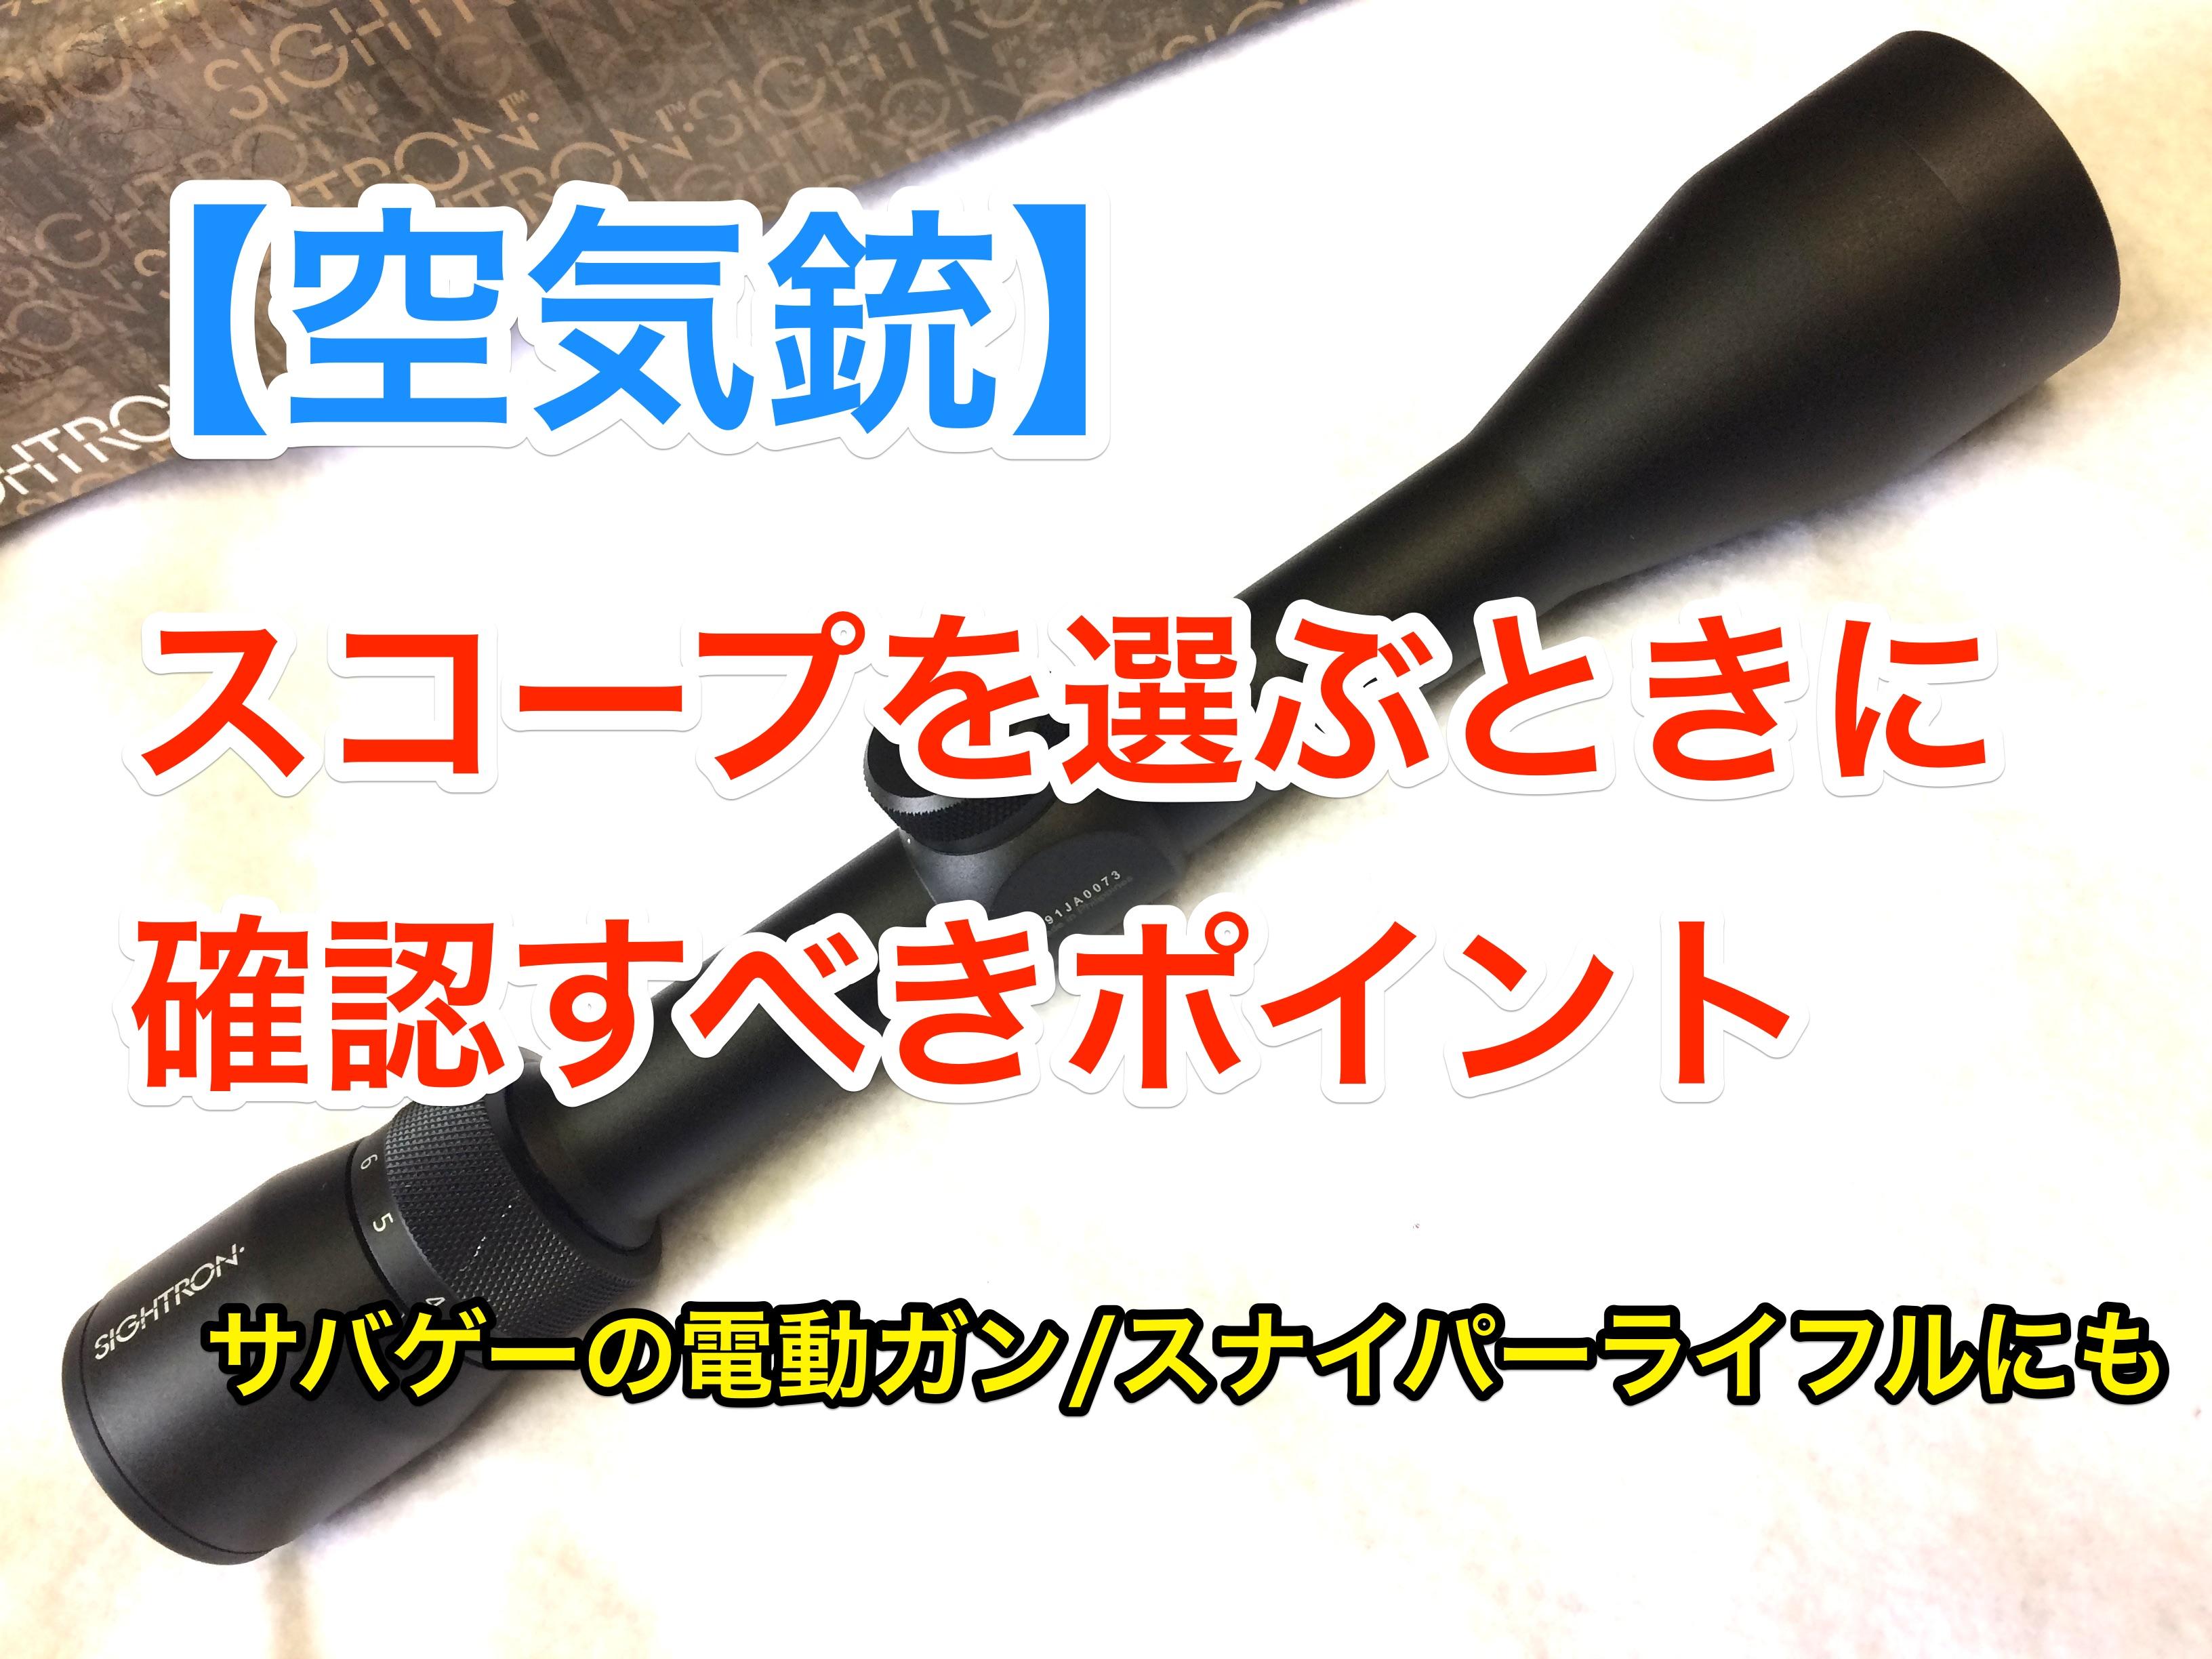 【空気銃】スコープを選ぶ時に確認すべきポイント、サバゲー用電動ガンやライフルにも